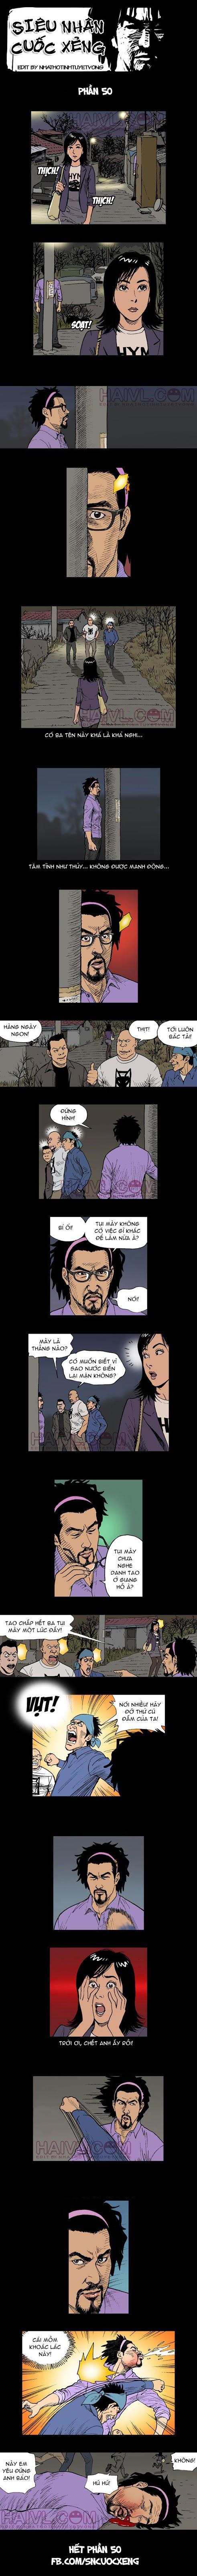 Siêu nhân Cuốc Xẻng (full bộ) phần 50